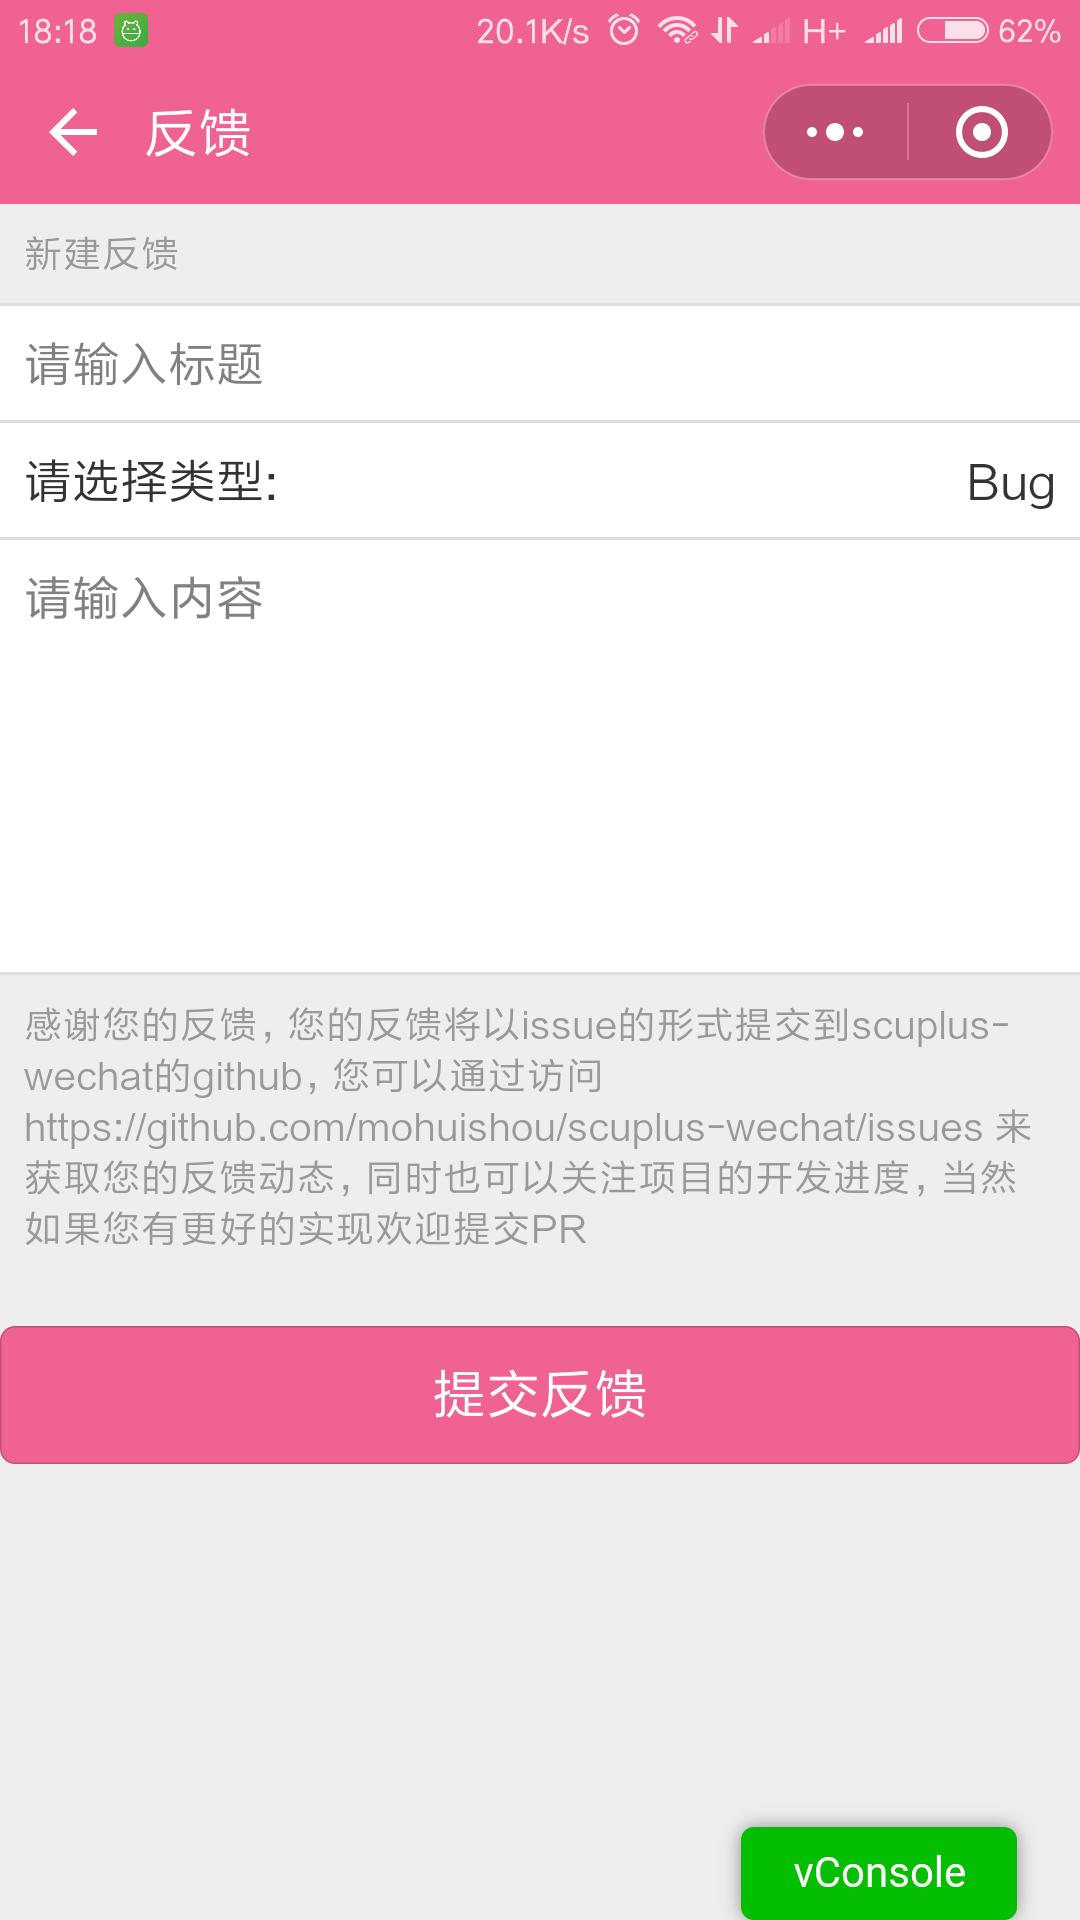 screenshot_2018-01-24-18-18-56-360_com tencent mm